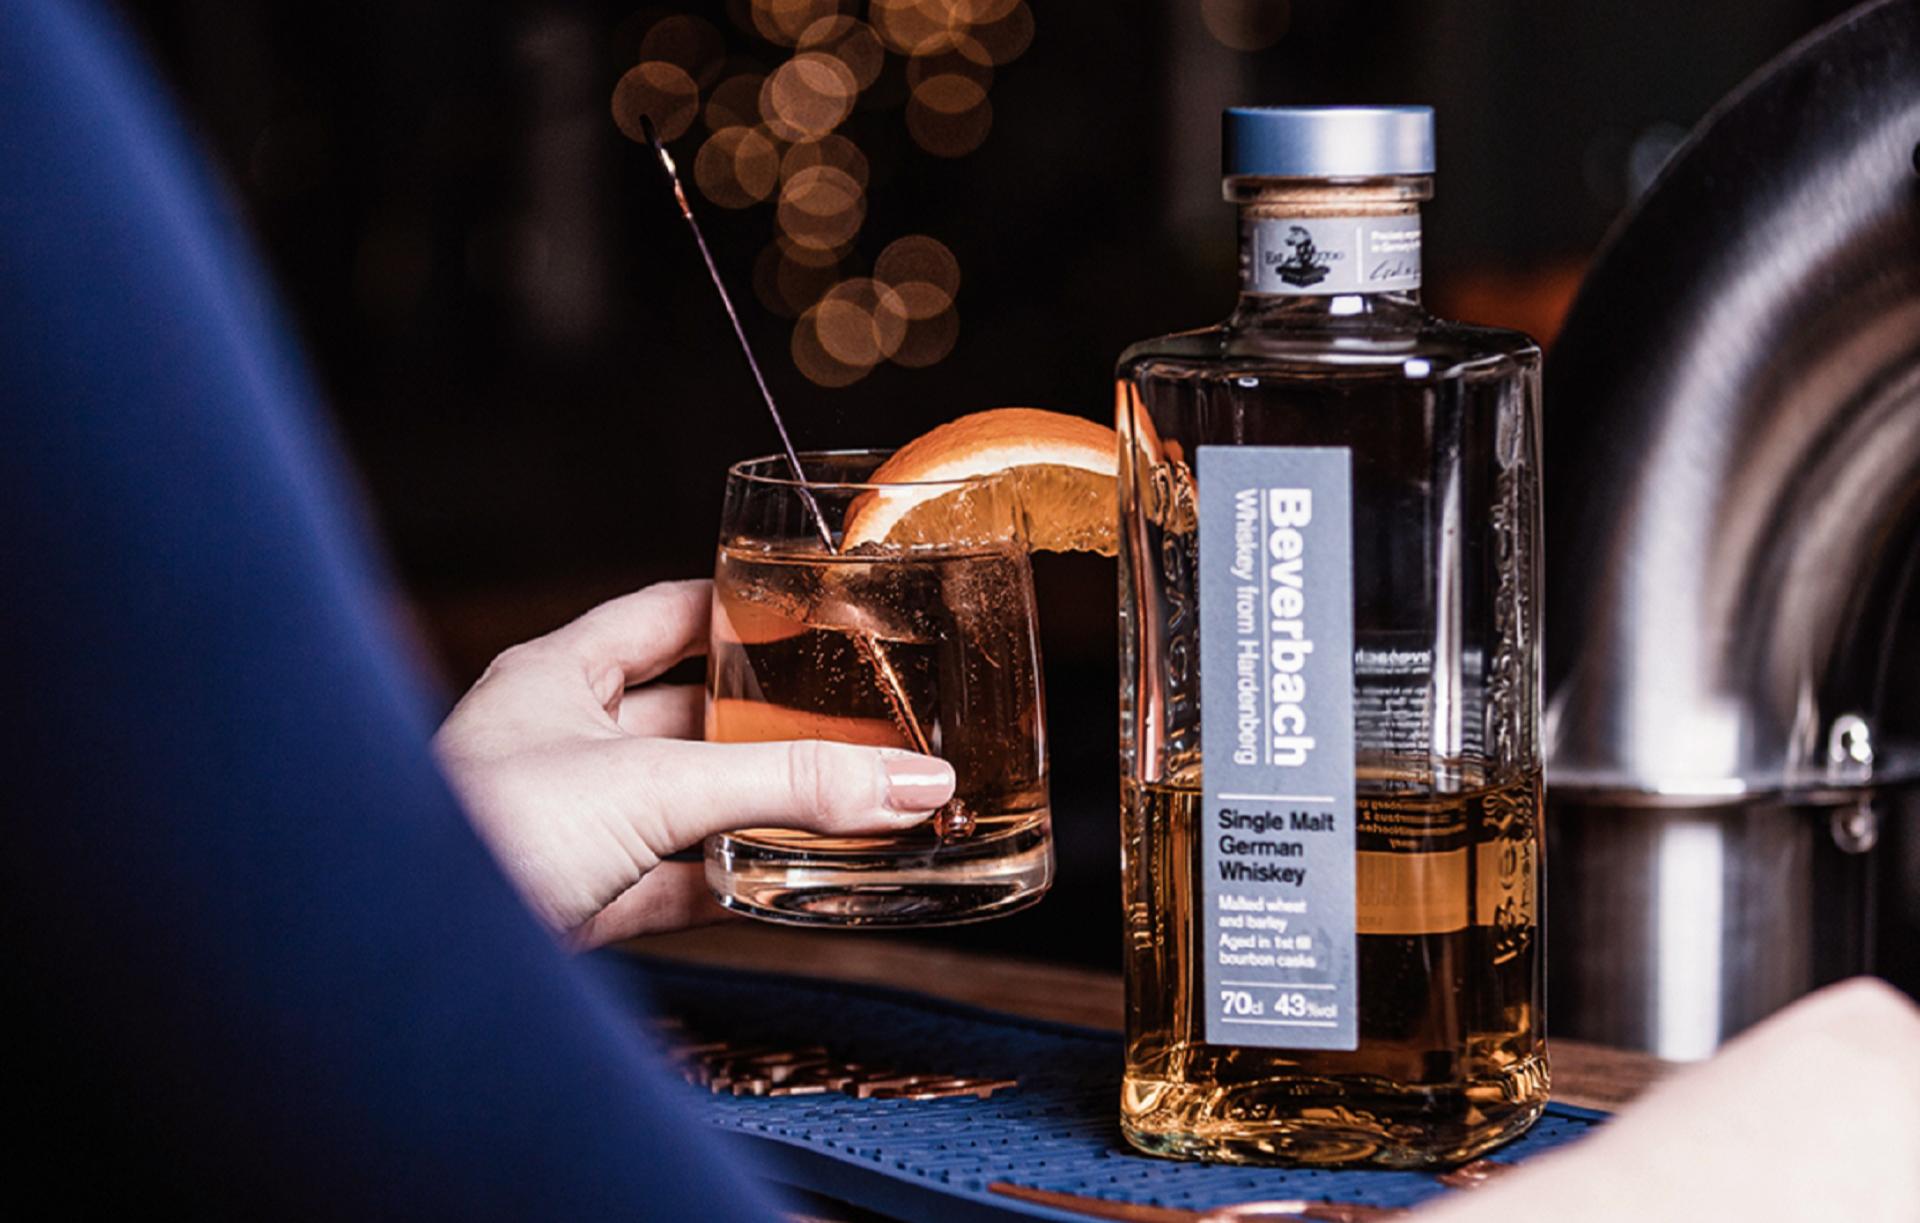 whisky-tasting-online-bg2